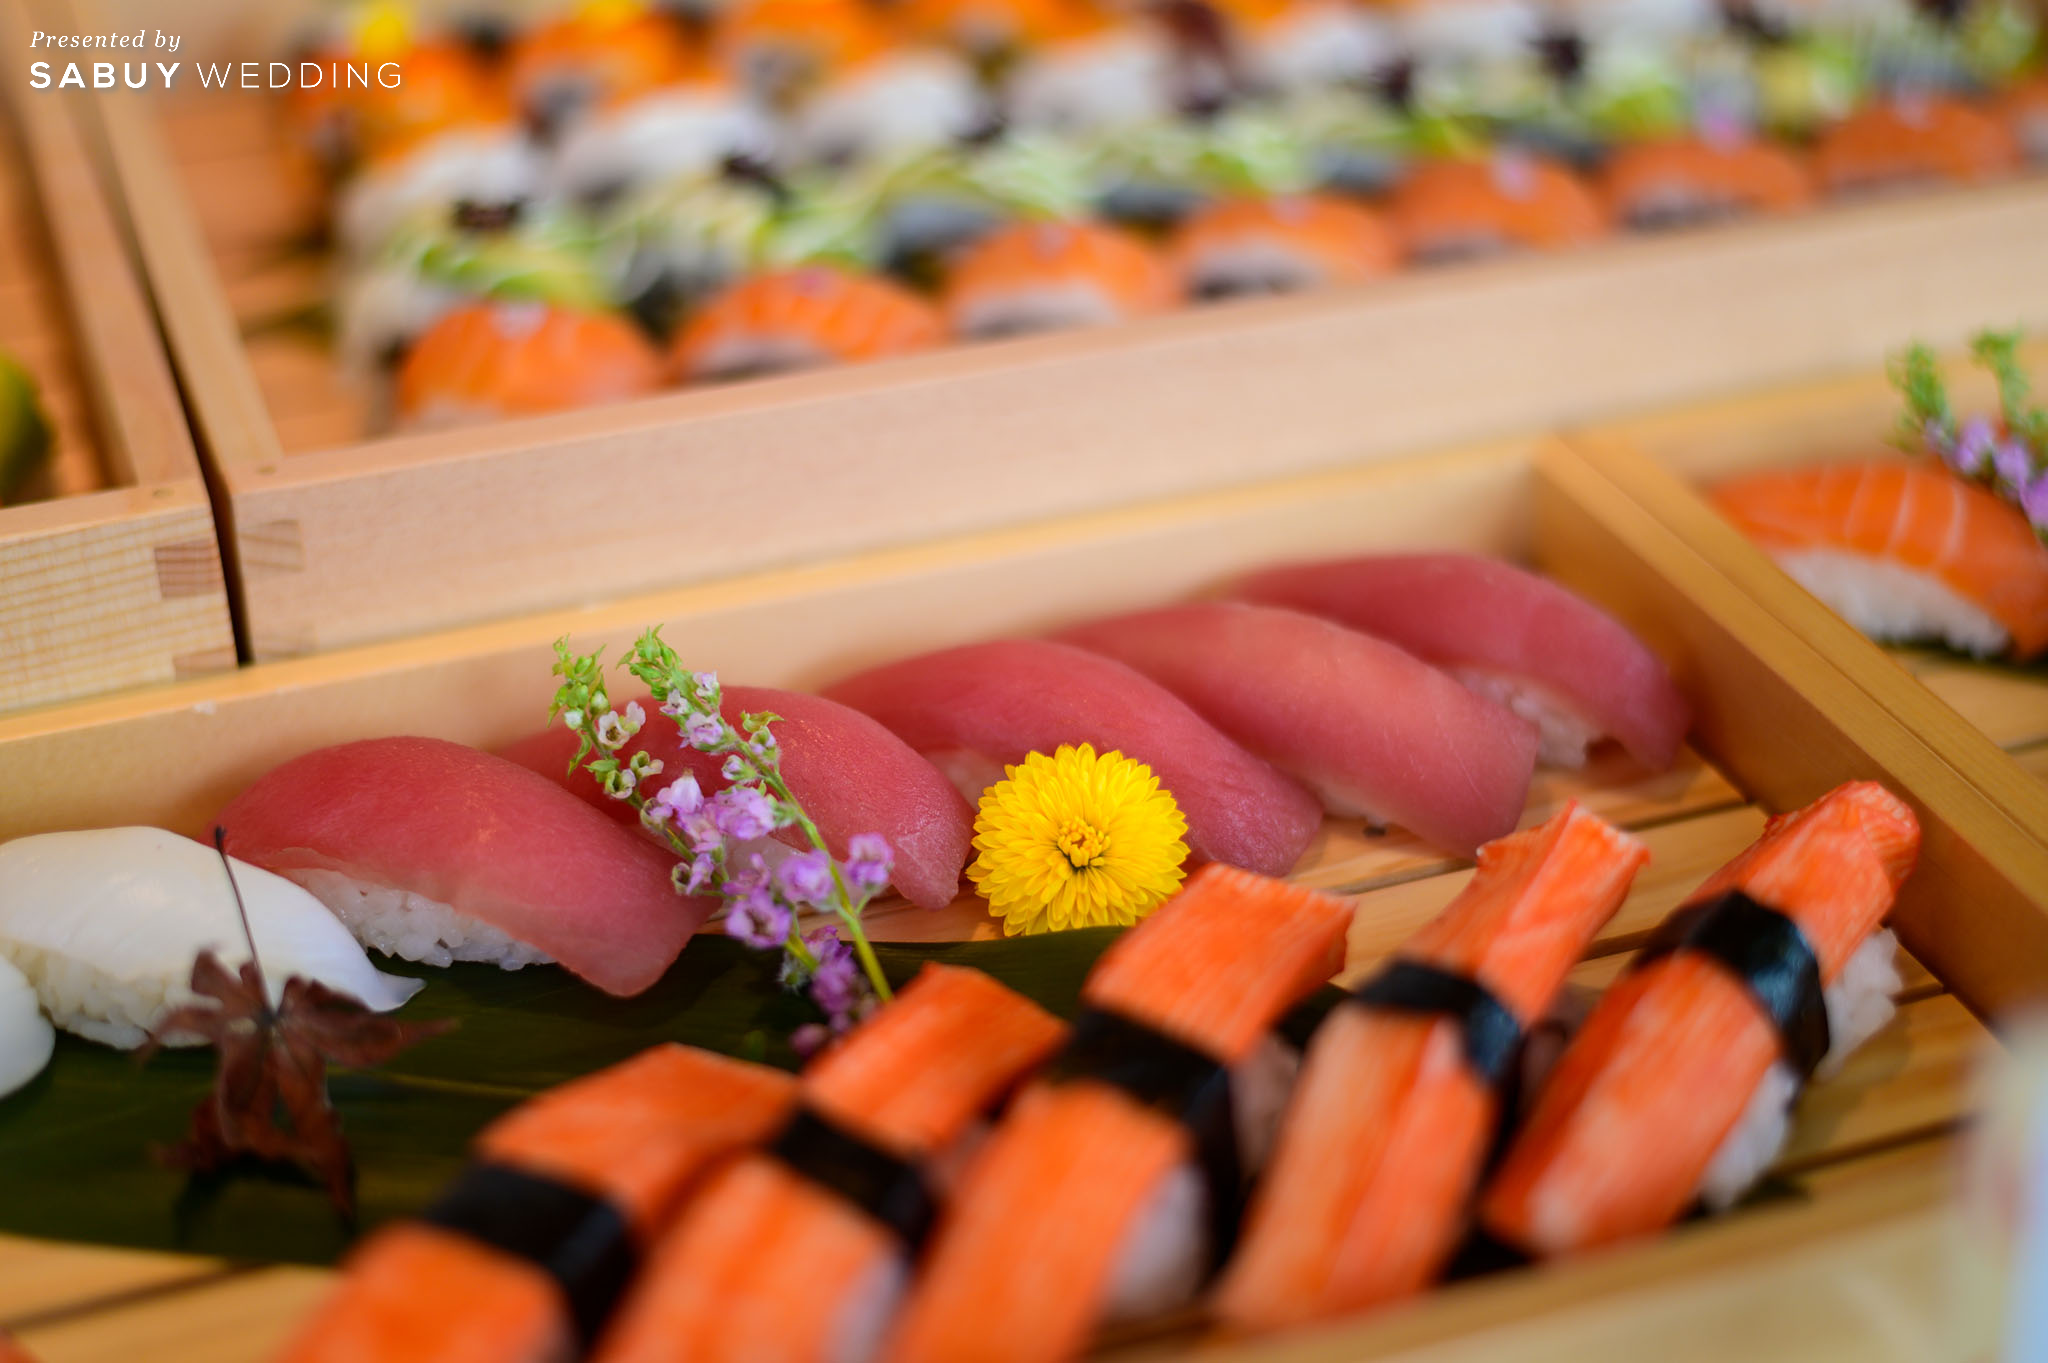 ที่สุดของอาหารญี่ปุ่นใจกลางสุขุมวิท ต้องที่ Hishou & The Oasis-All Day Dining @Hotel Nikko Bangkok